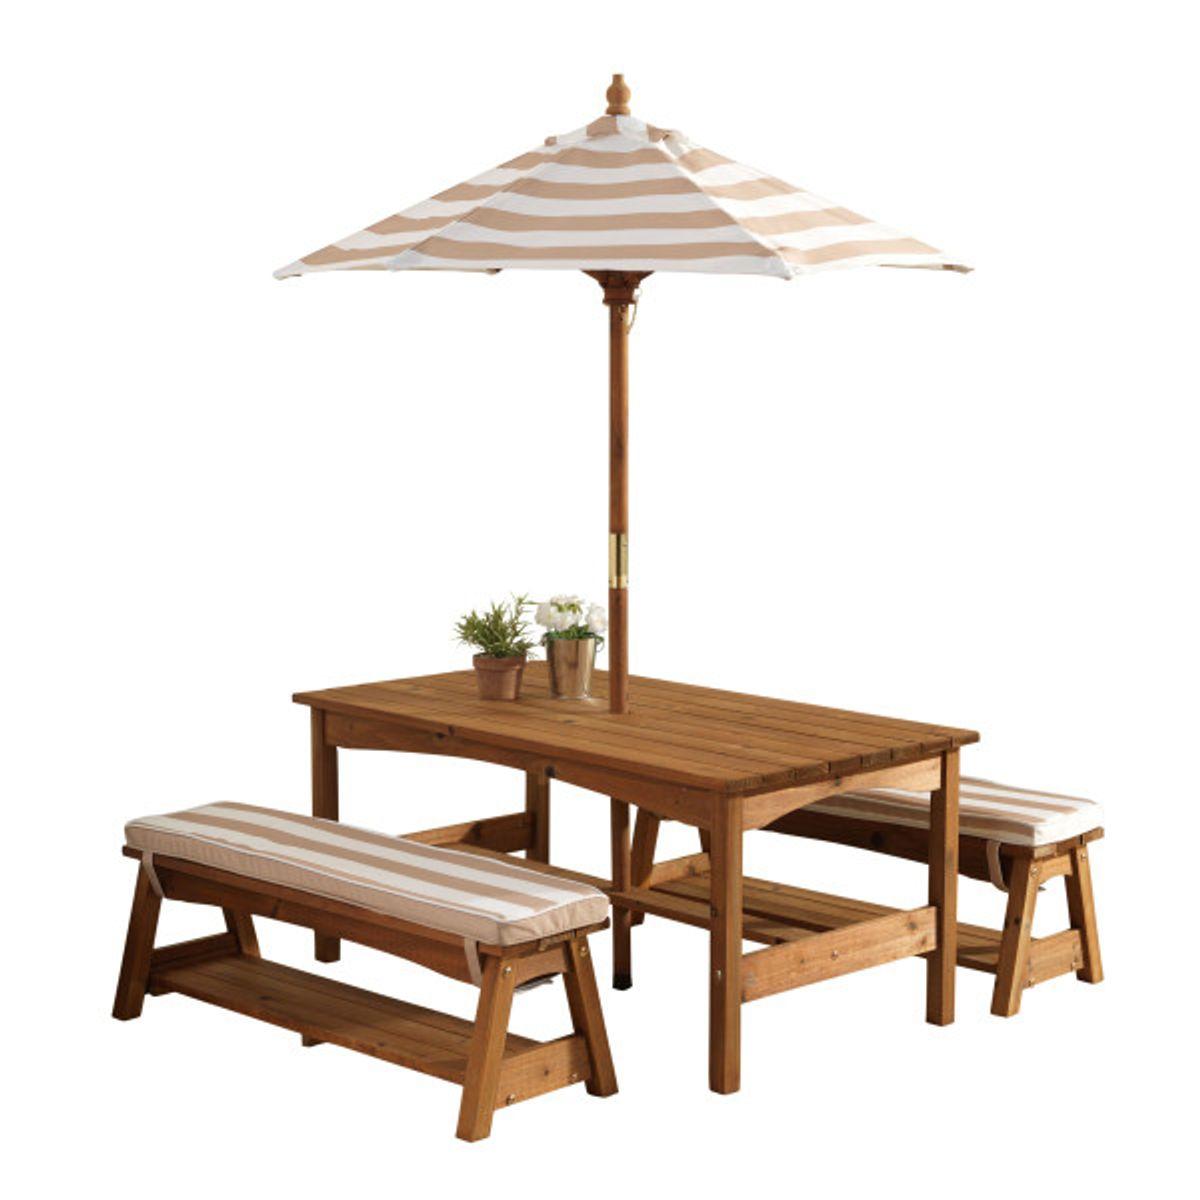 Hübsches Gartenmöbelset Gartentisch Mit Bänken Und Sonnenschirm Beige Weiß Gestreift Aus Holz Von Kidkraft Kindersachen Babysachen